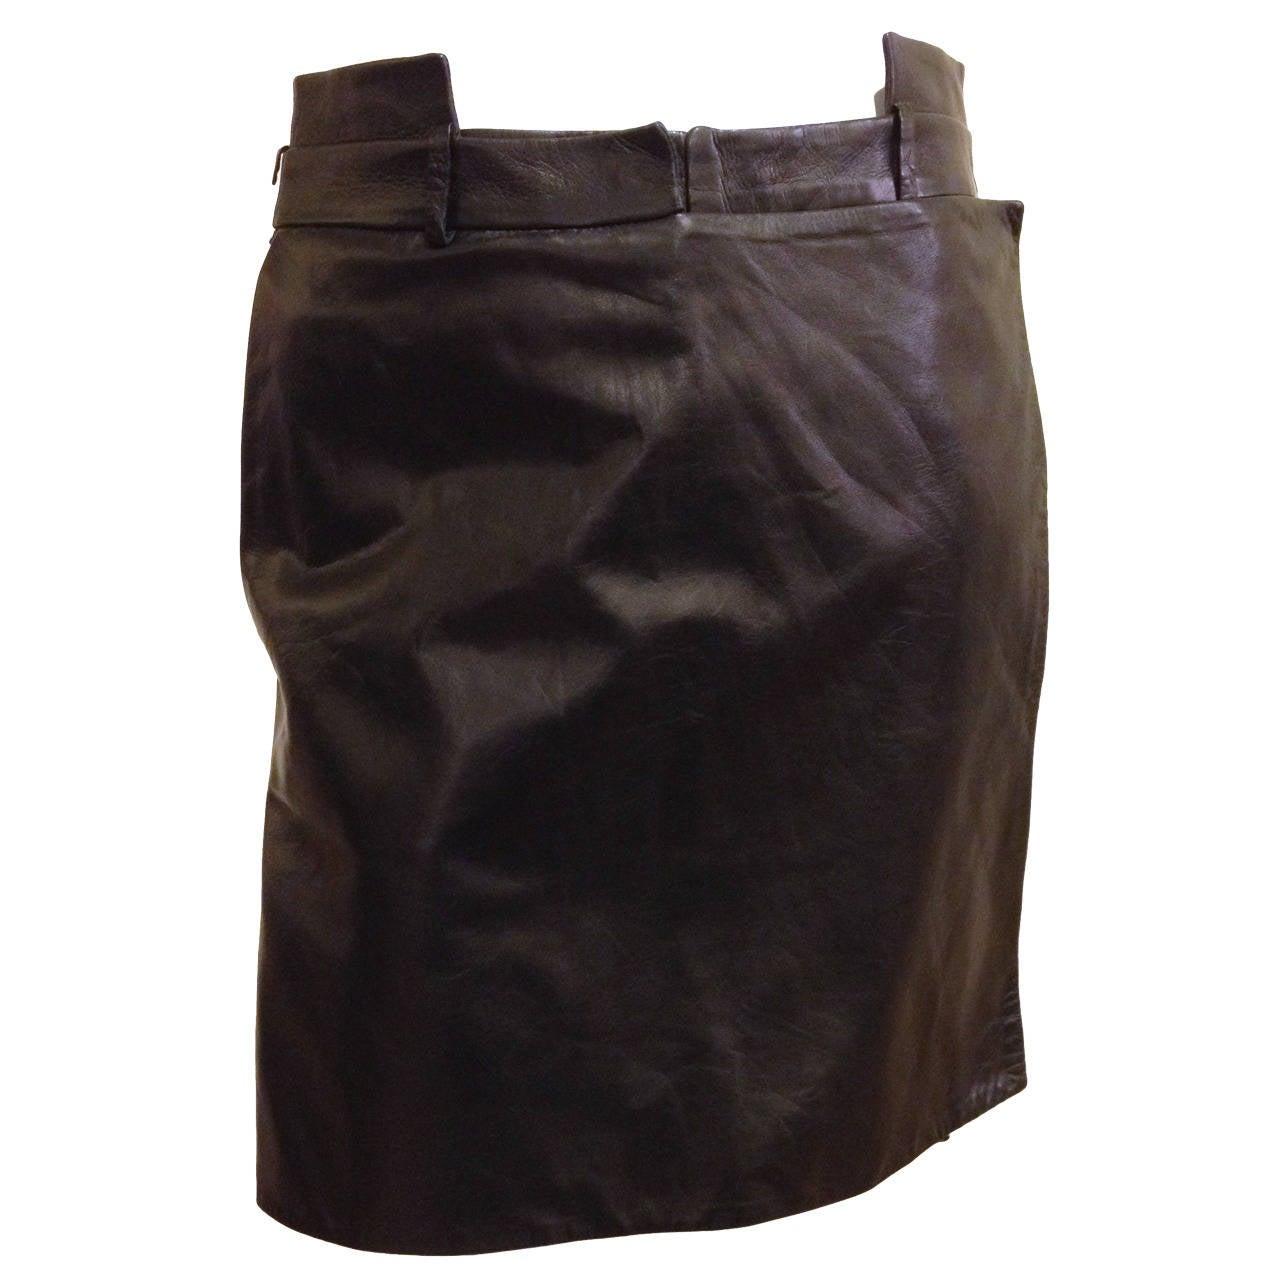 Givenchy Black Leather Skort 1